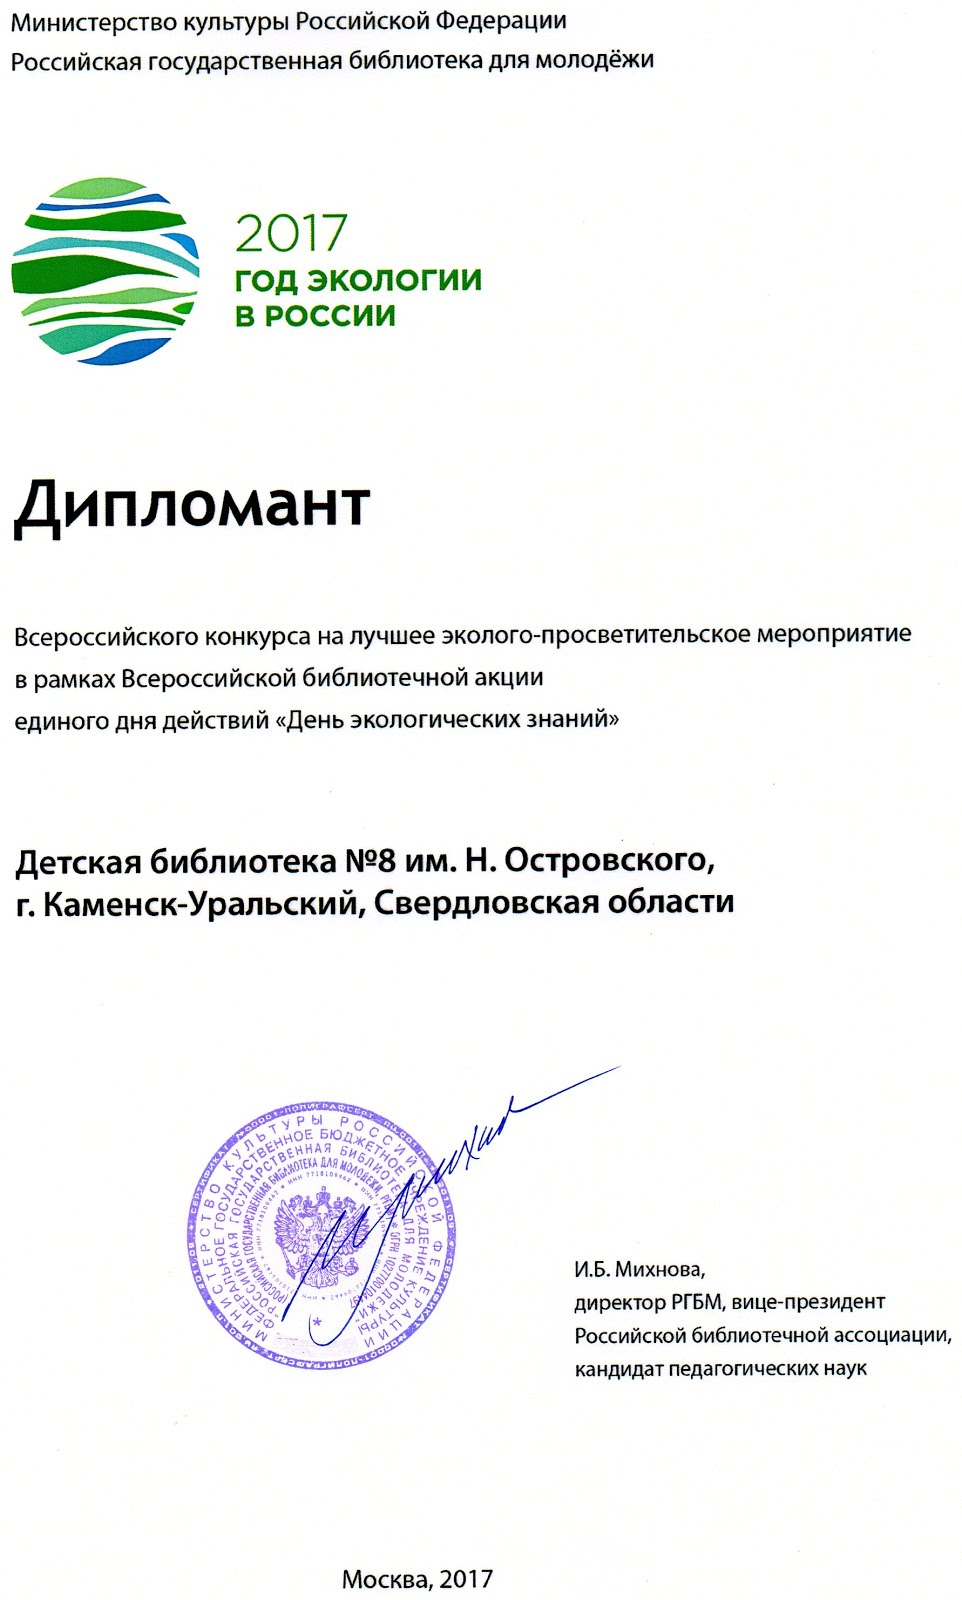 """Дипломант Всероссийской библиотечной акции """"День экологических знаний"""""""